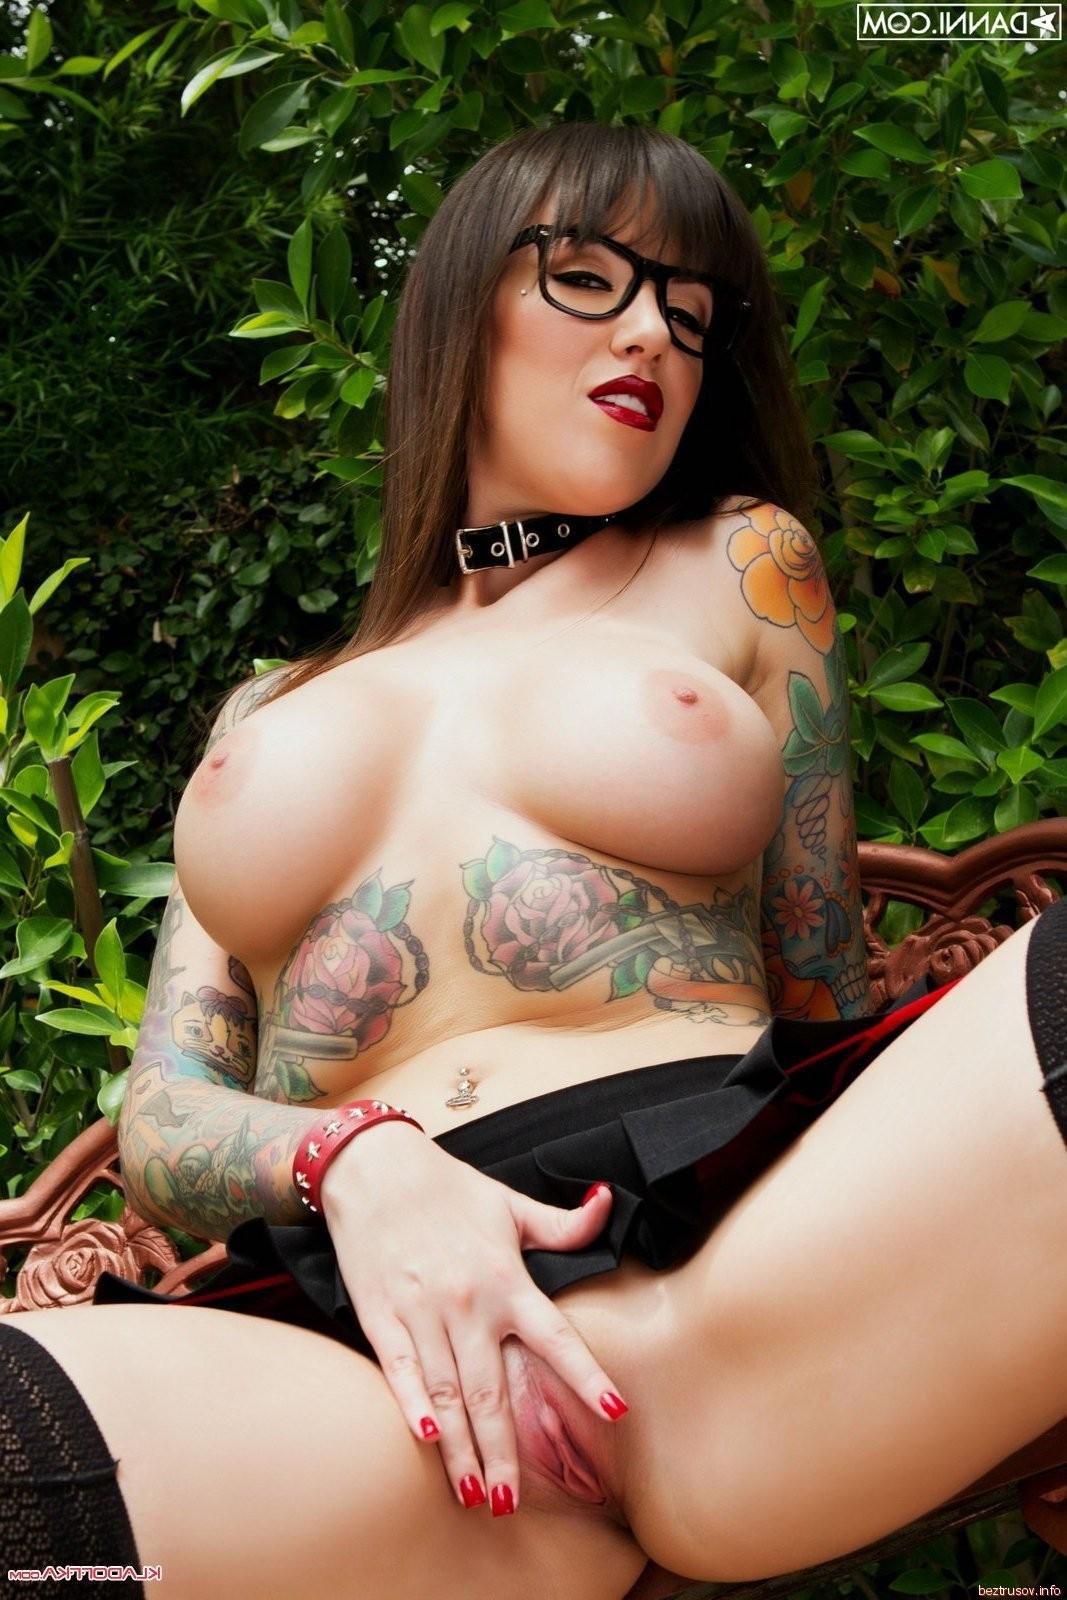 naked retarded women – Lesbian